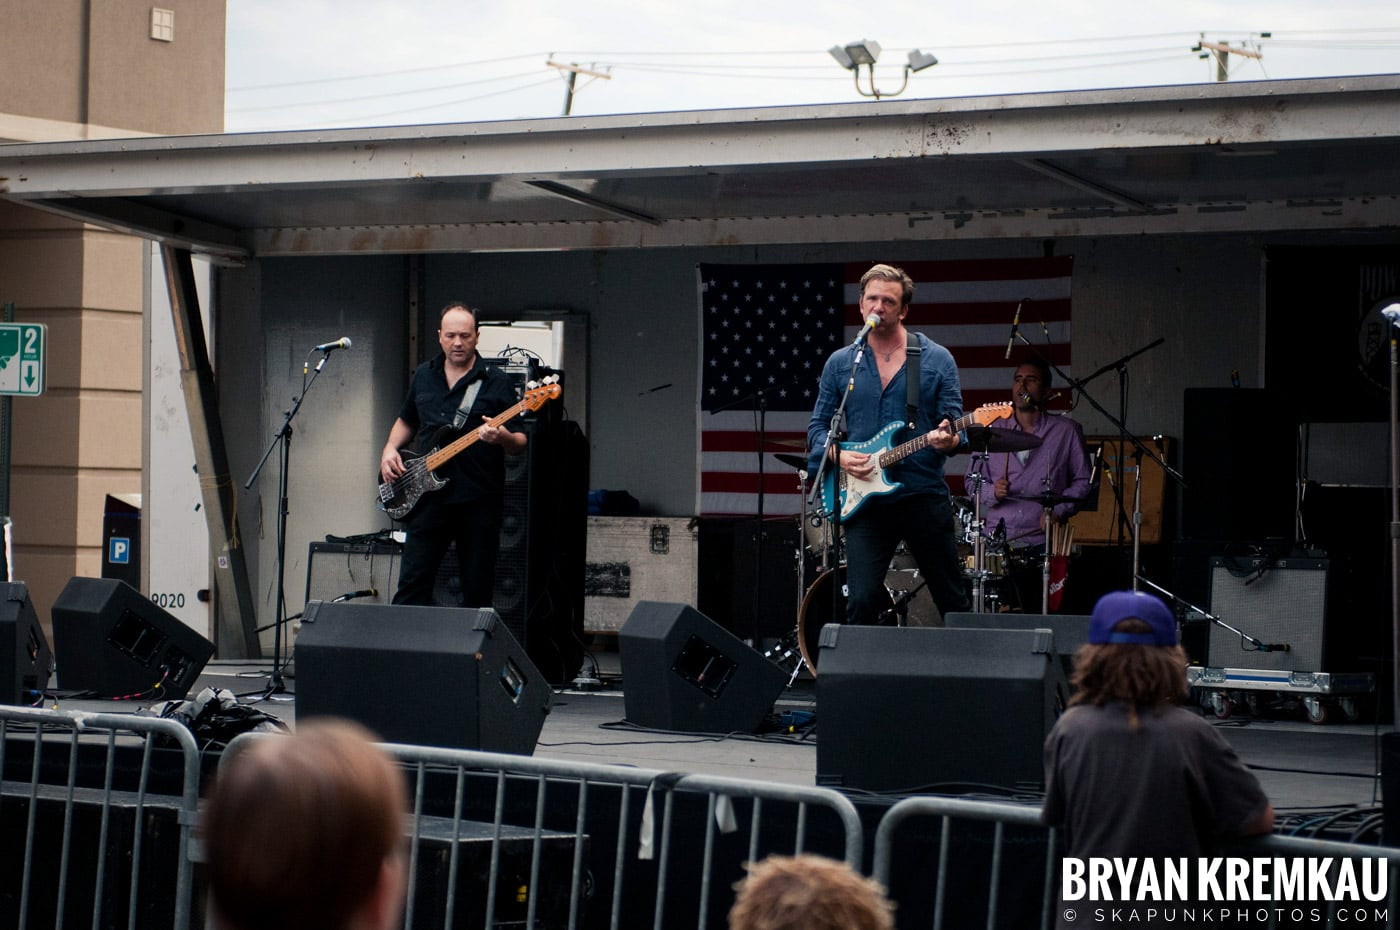 The Push Stars @ Hoboken Arts and Music Festival, Hoboken NJ - 9.30.12 (5)